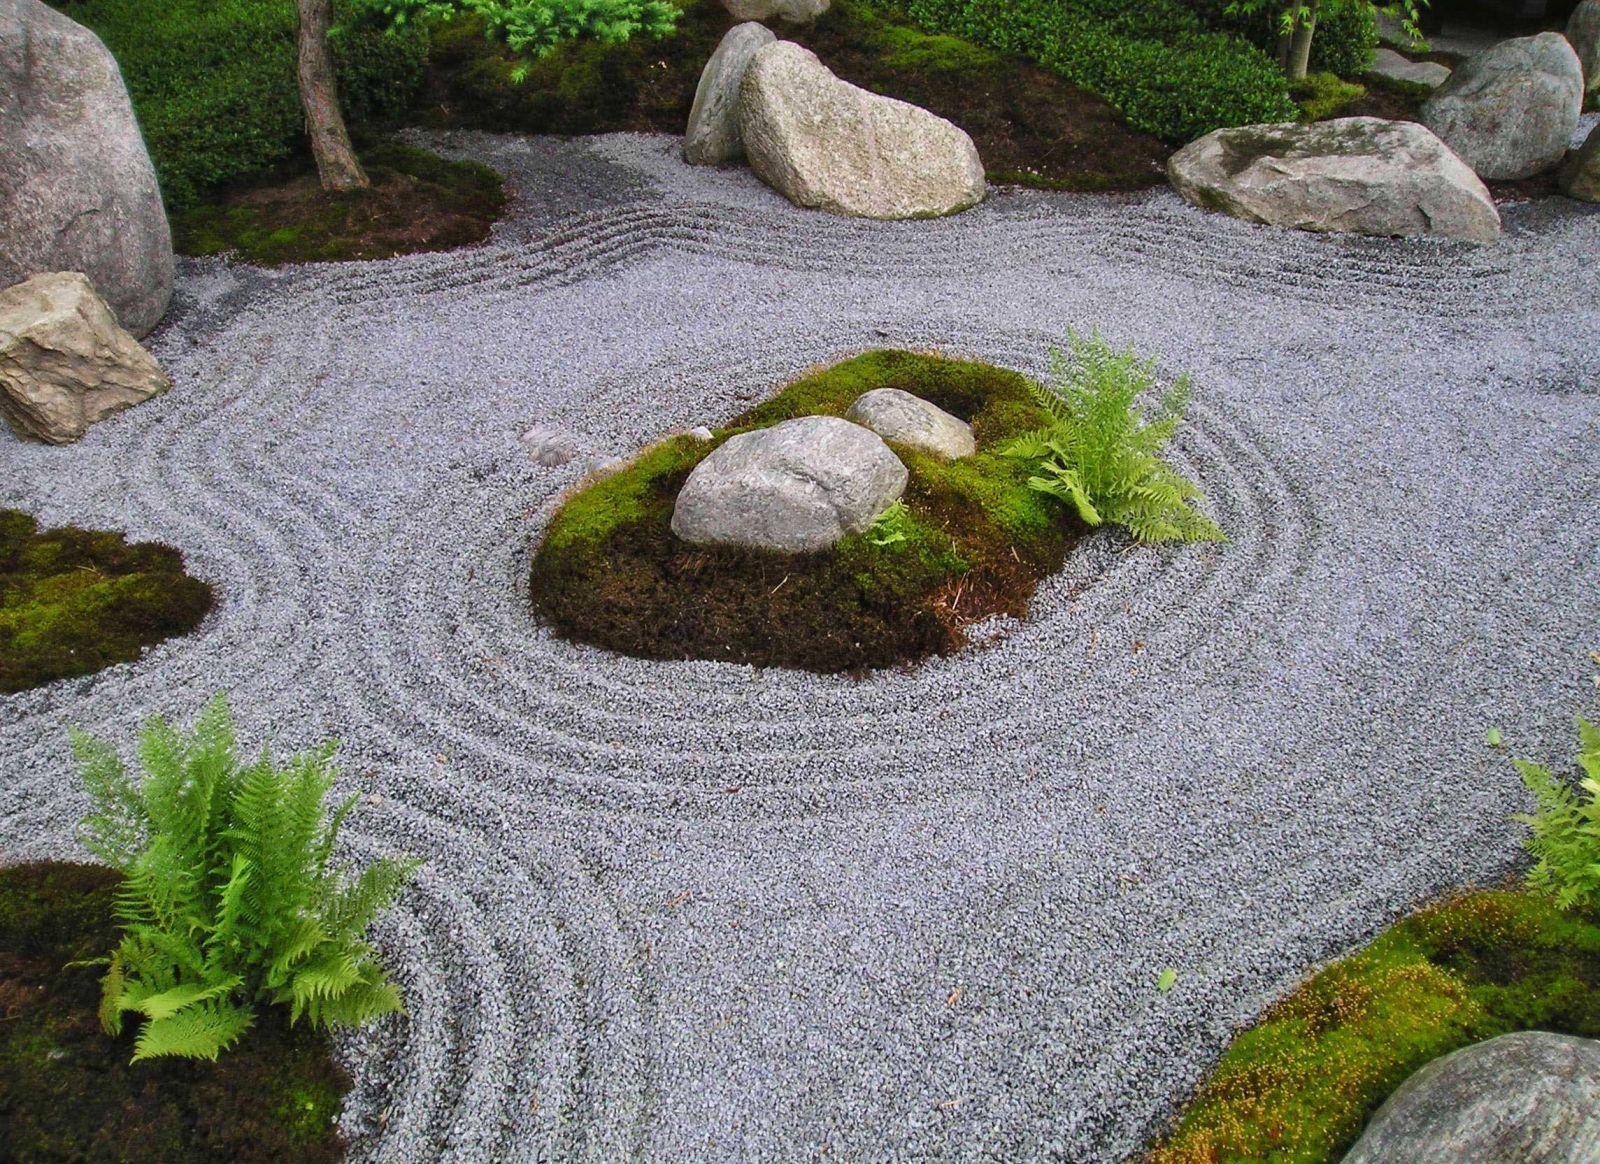 japanesega - Ландшафтный дизайн сада и огорода своими руками